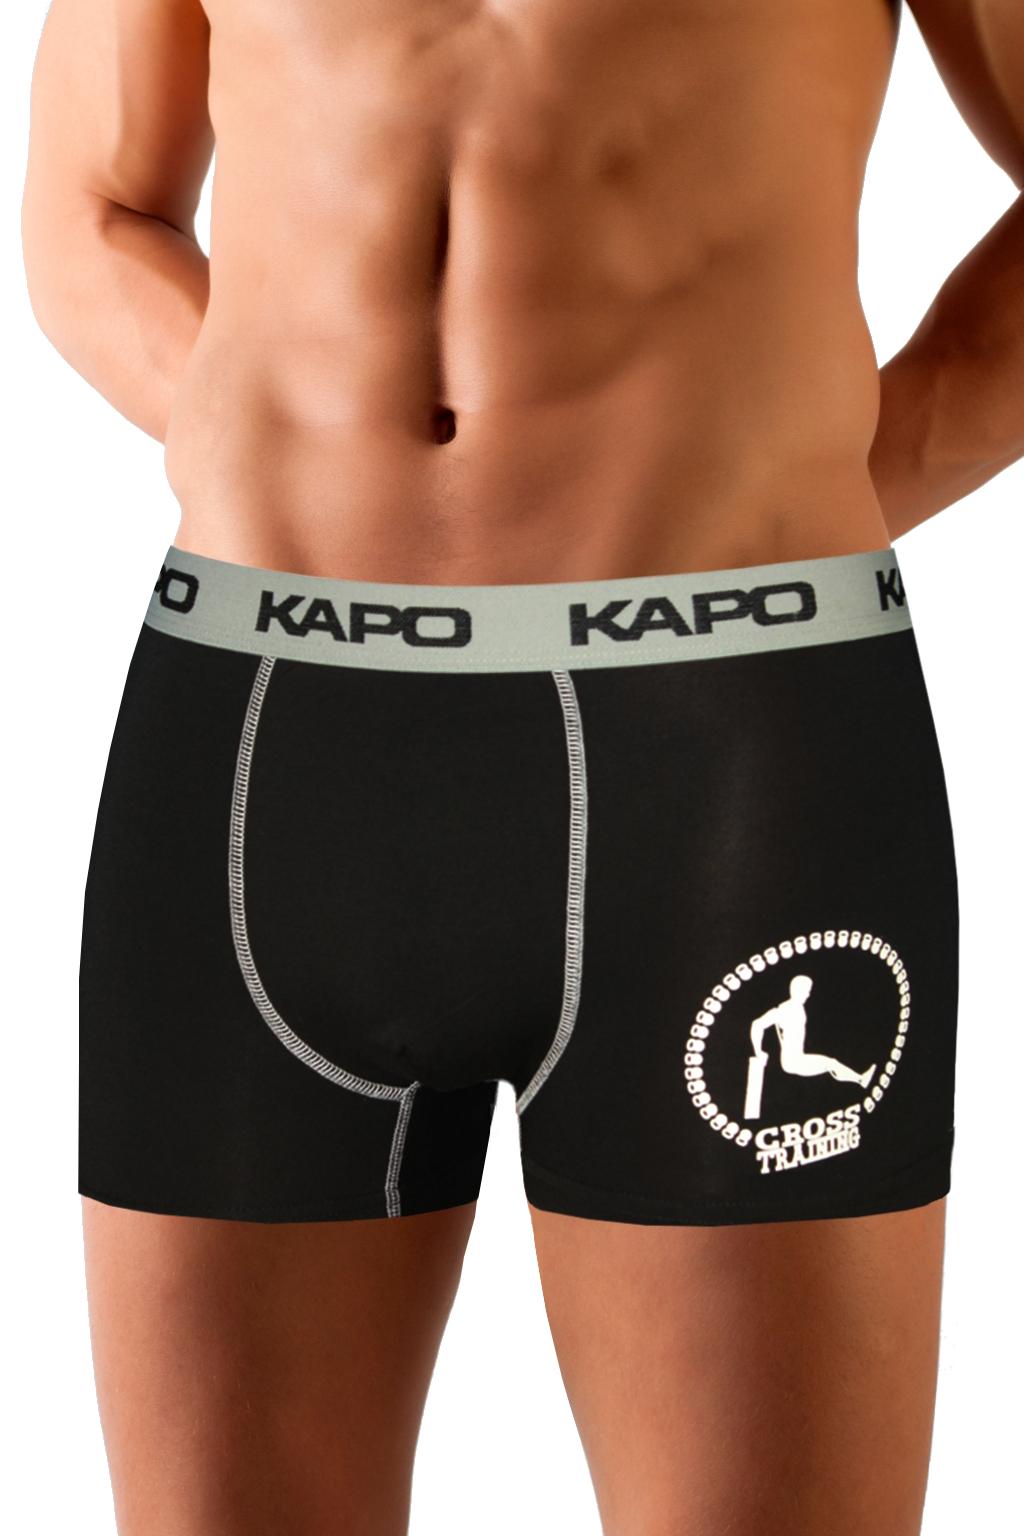 CrossTraining KAPO bambus boxerky XL šedá